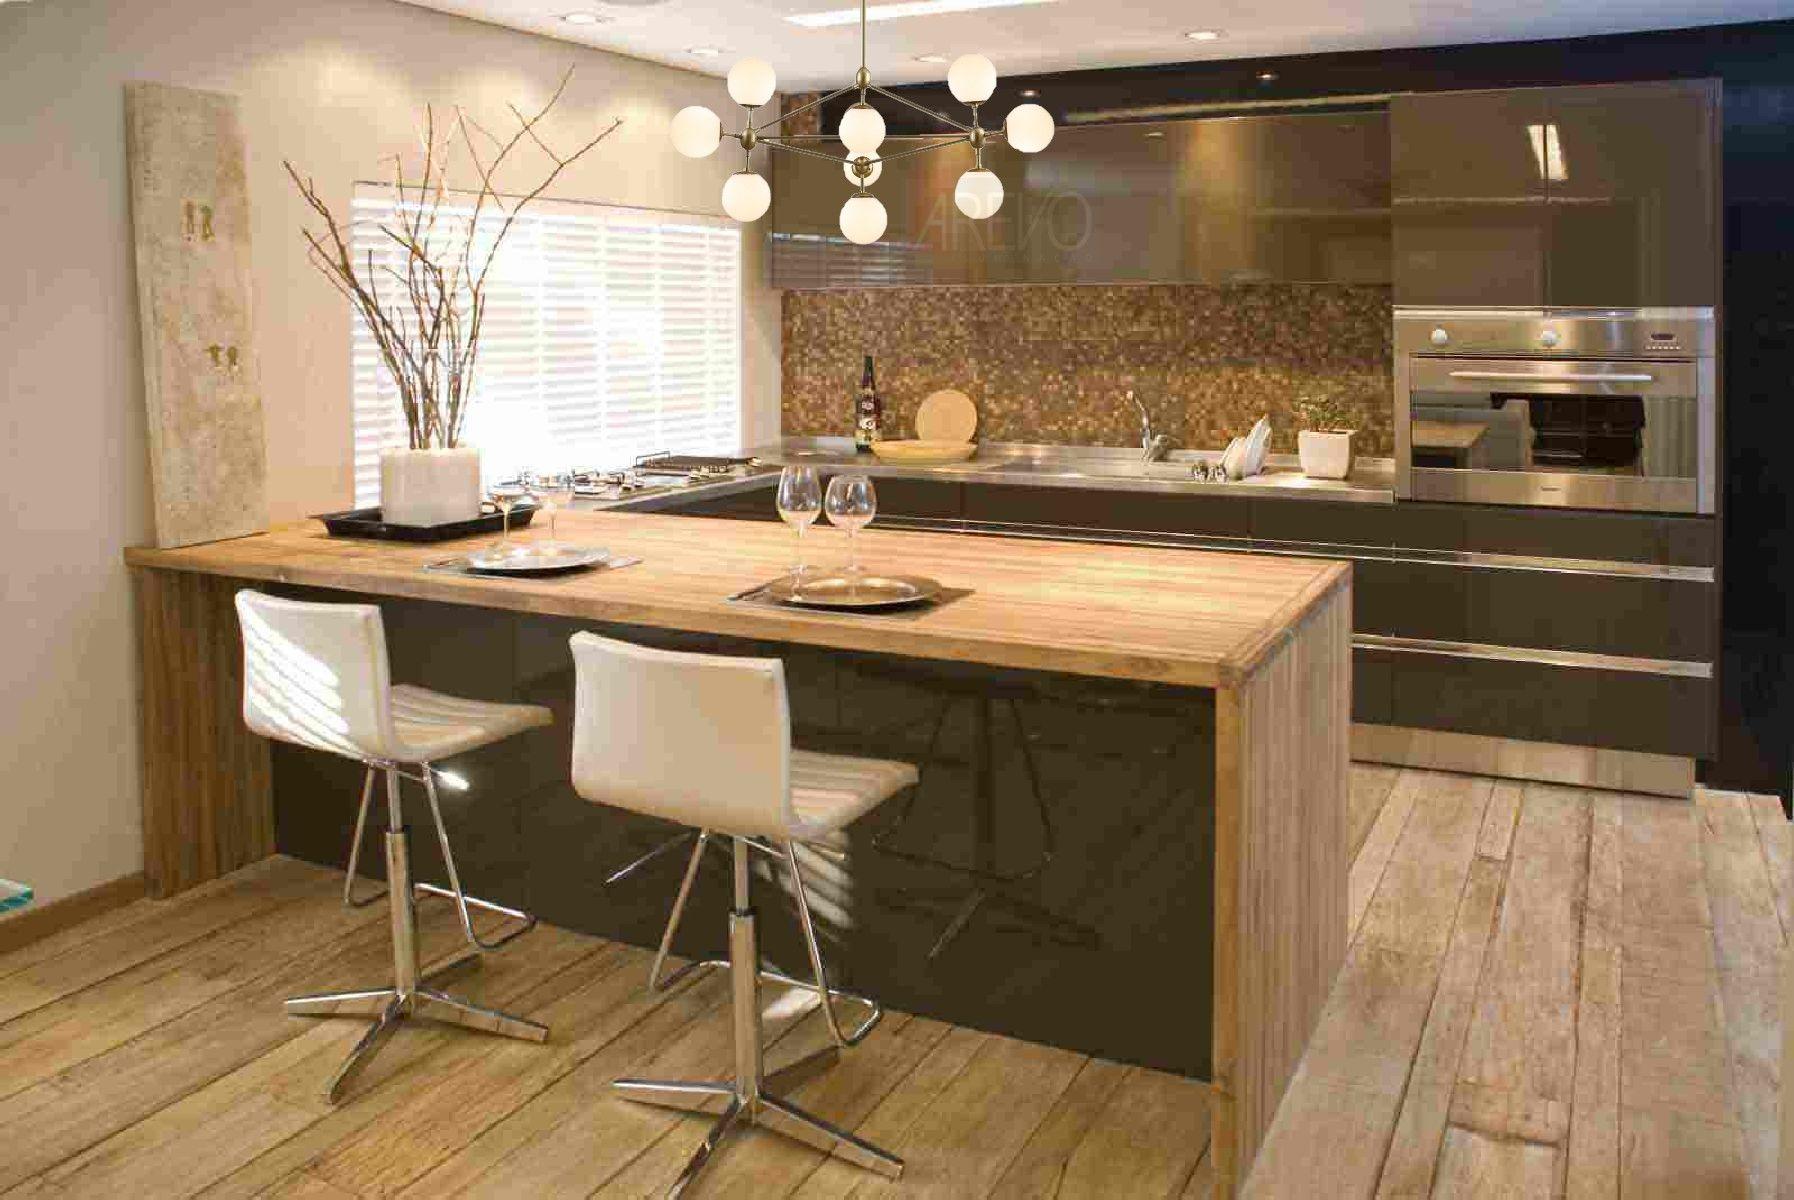 Pendente Jabuticaba Moderno Dourado Mesa Sala Cozinha C/ Led